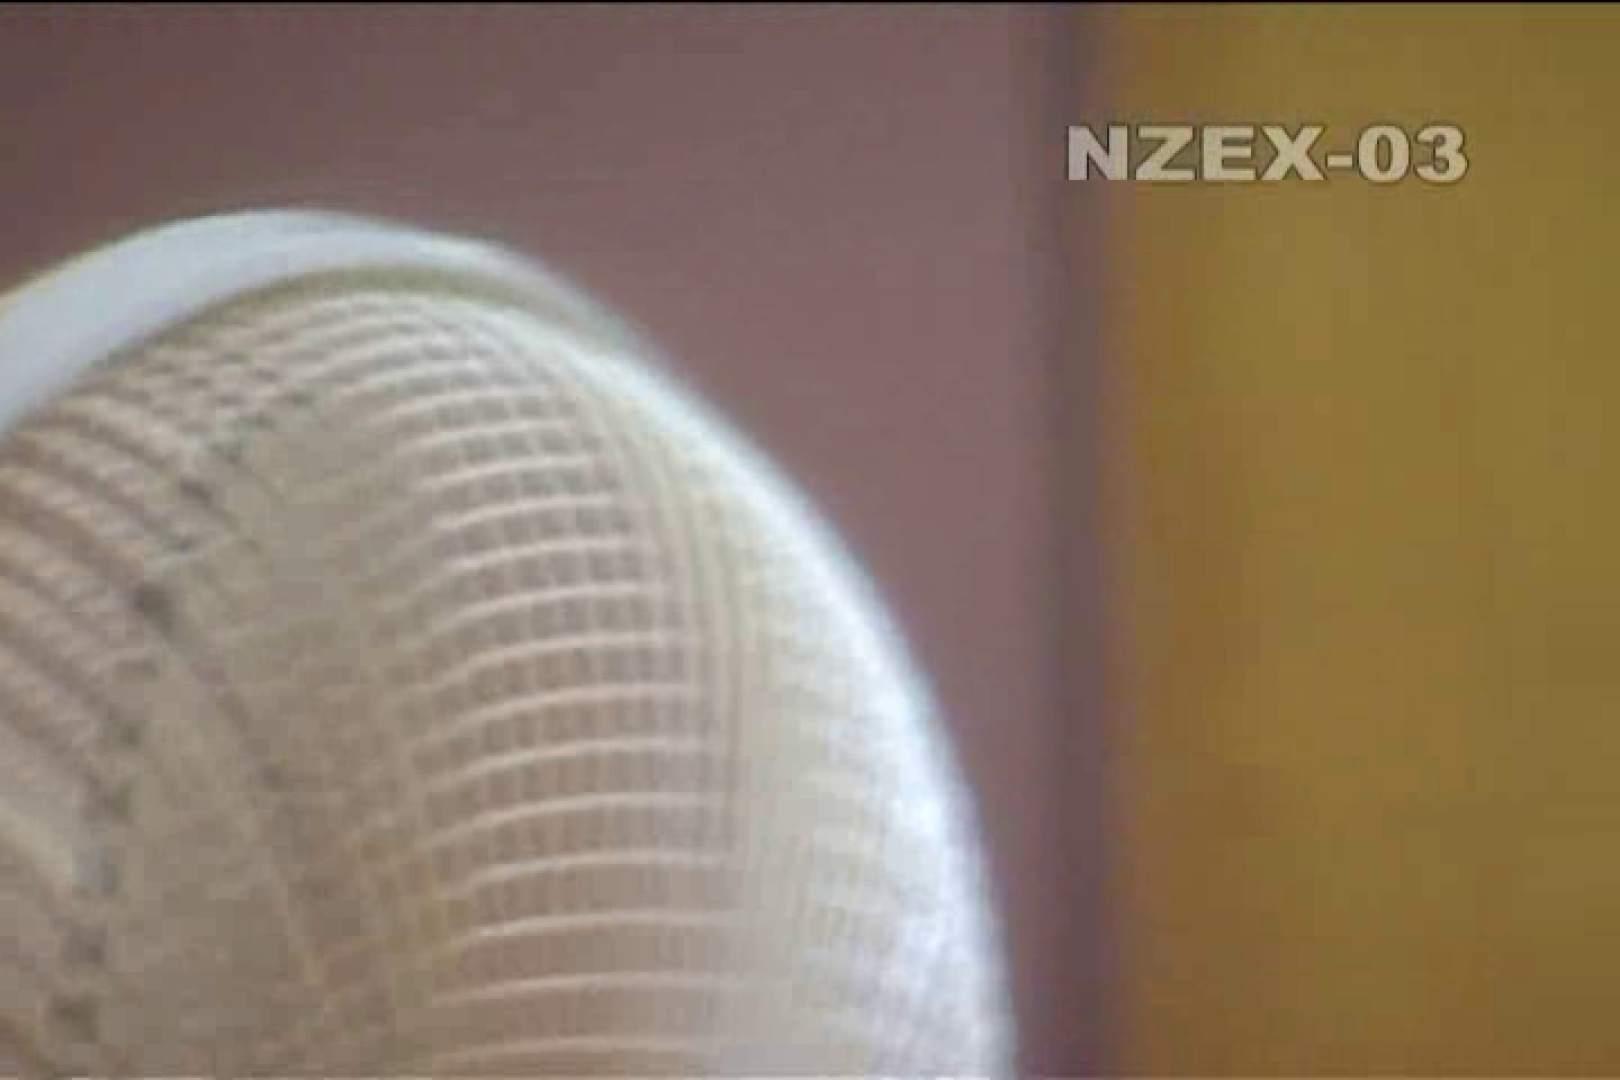 覗き穴 nzex-03_02 接写 覗きおまんこ画像 101PIX 99